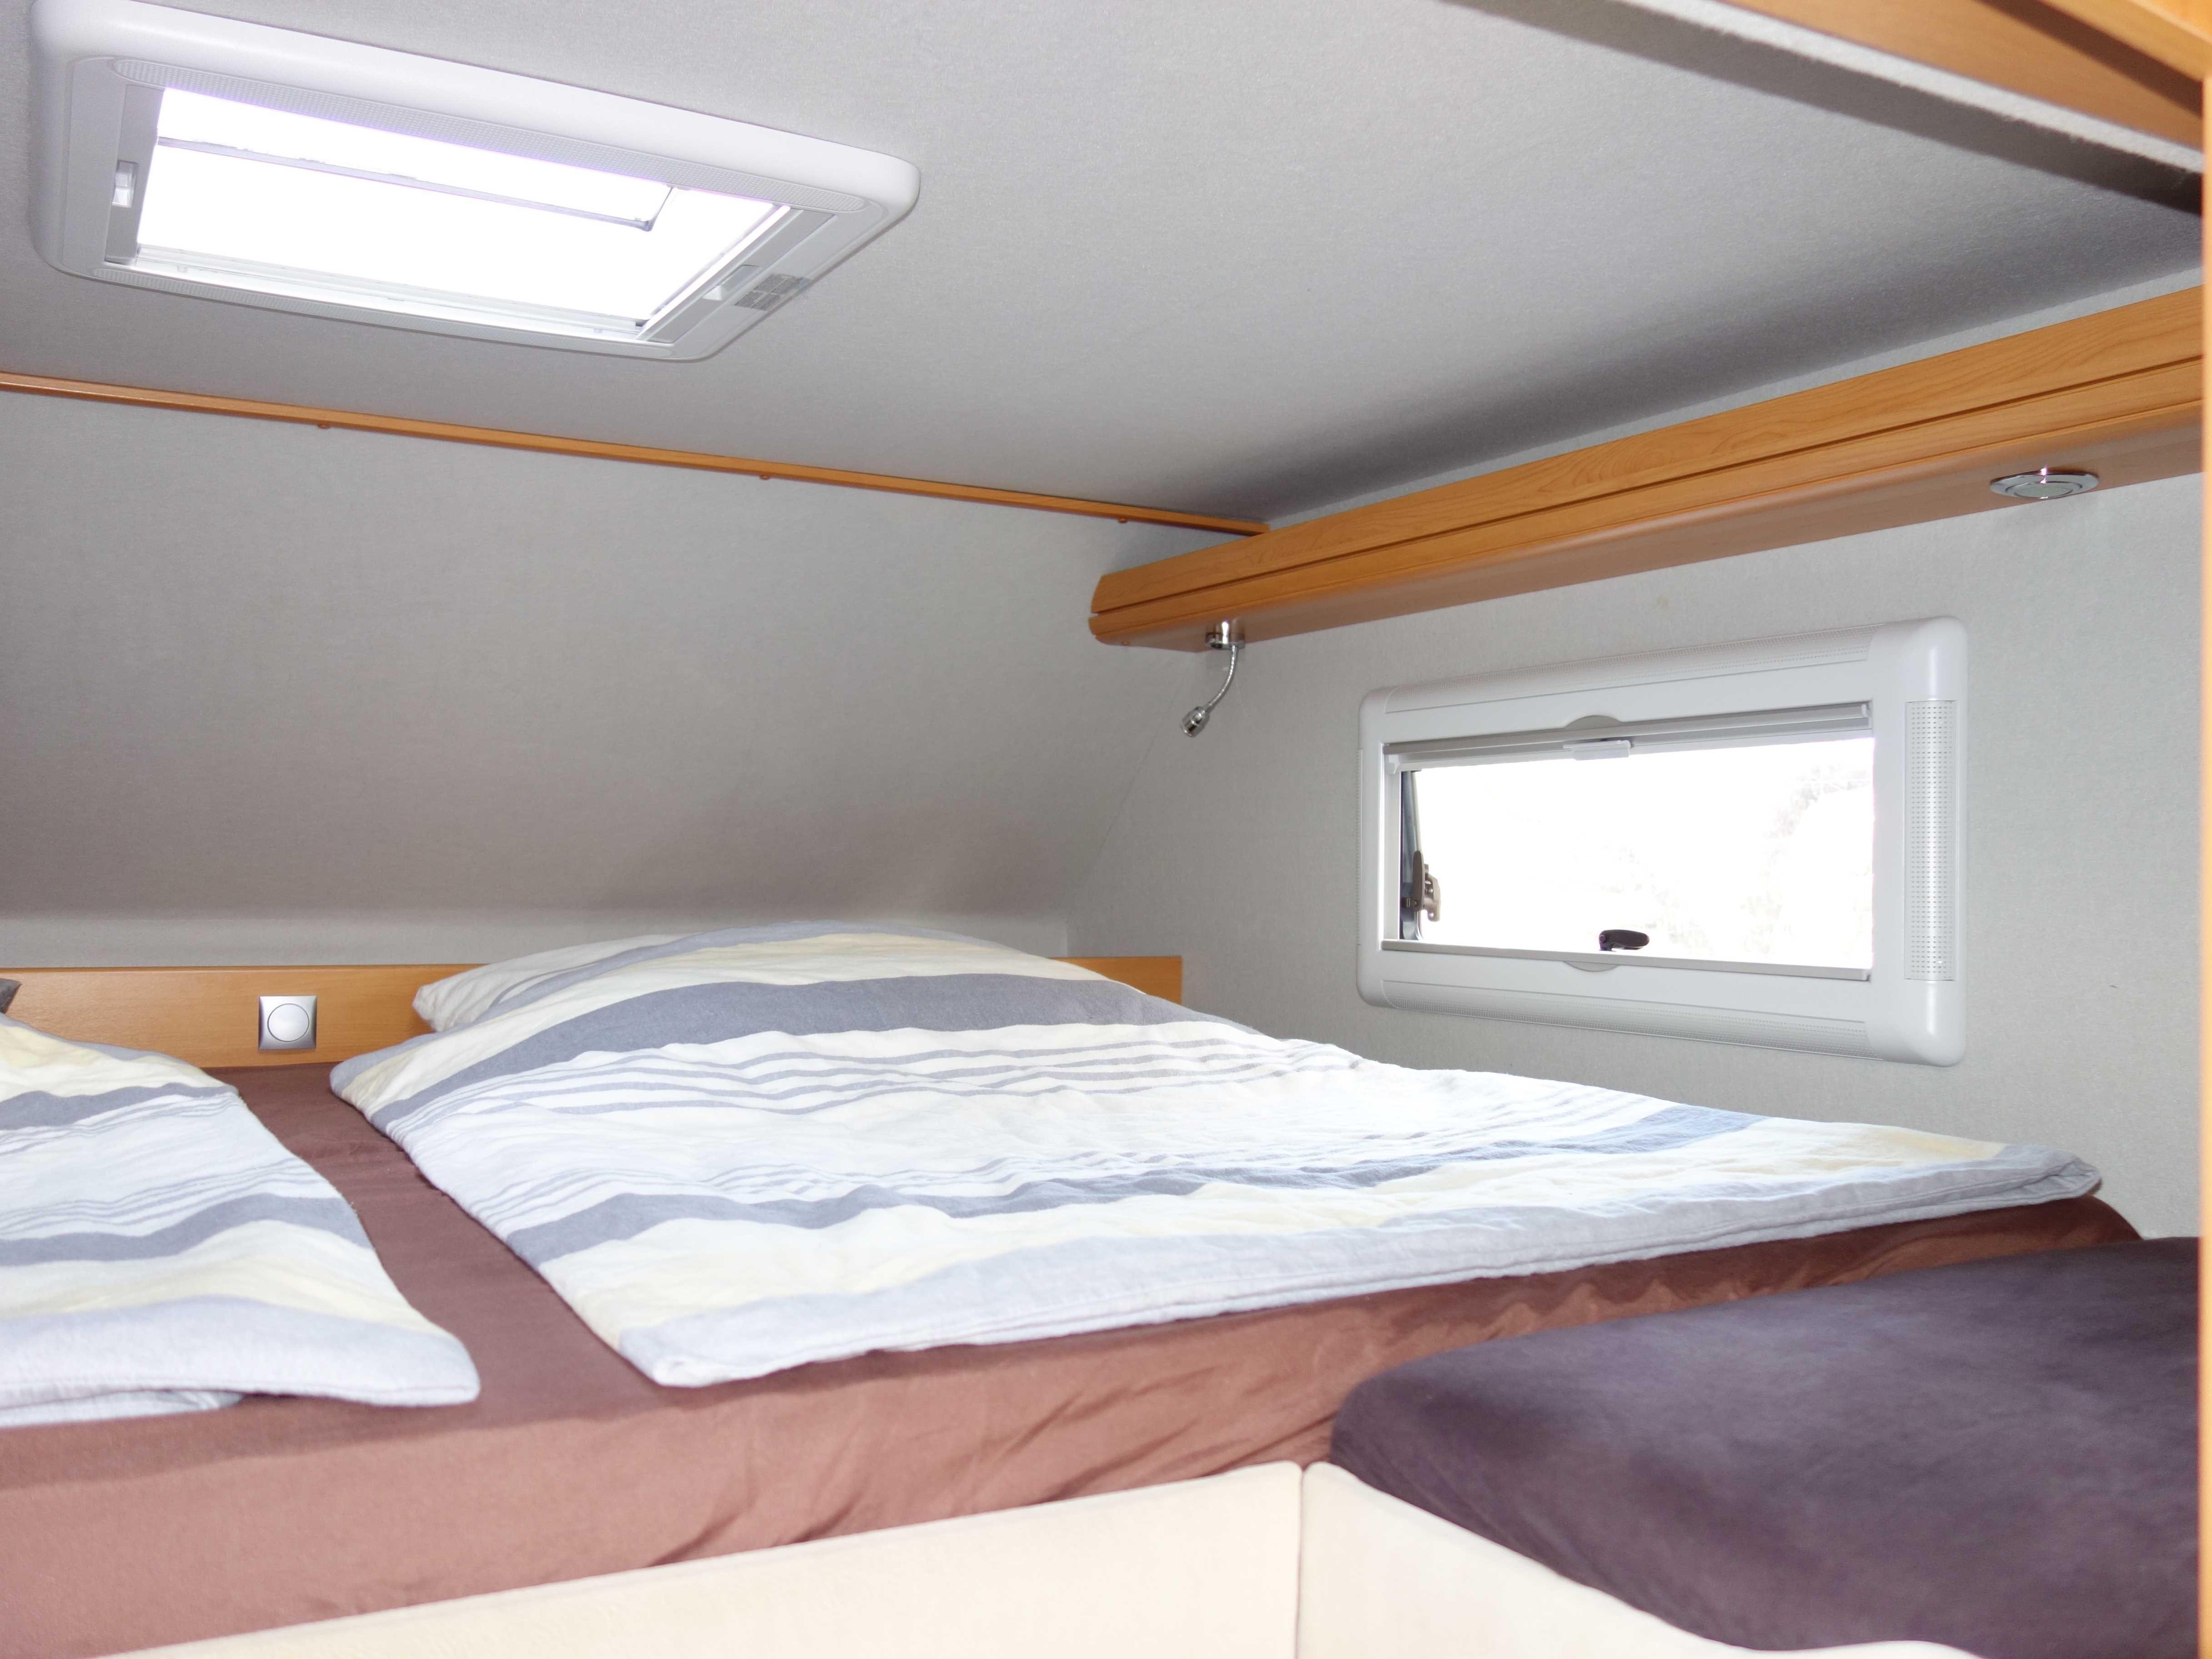 PhoeniX 8000 Betten Seite